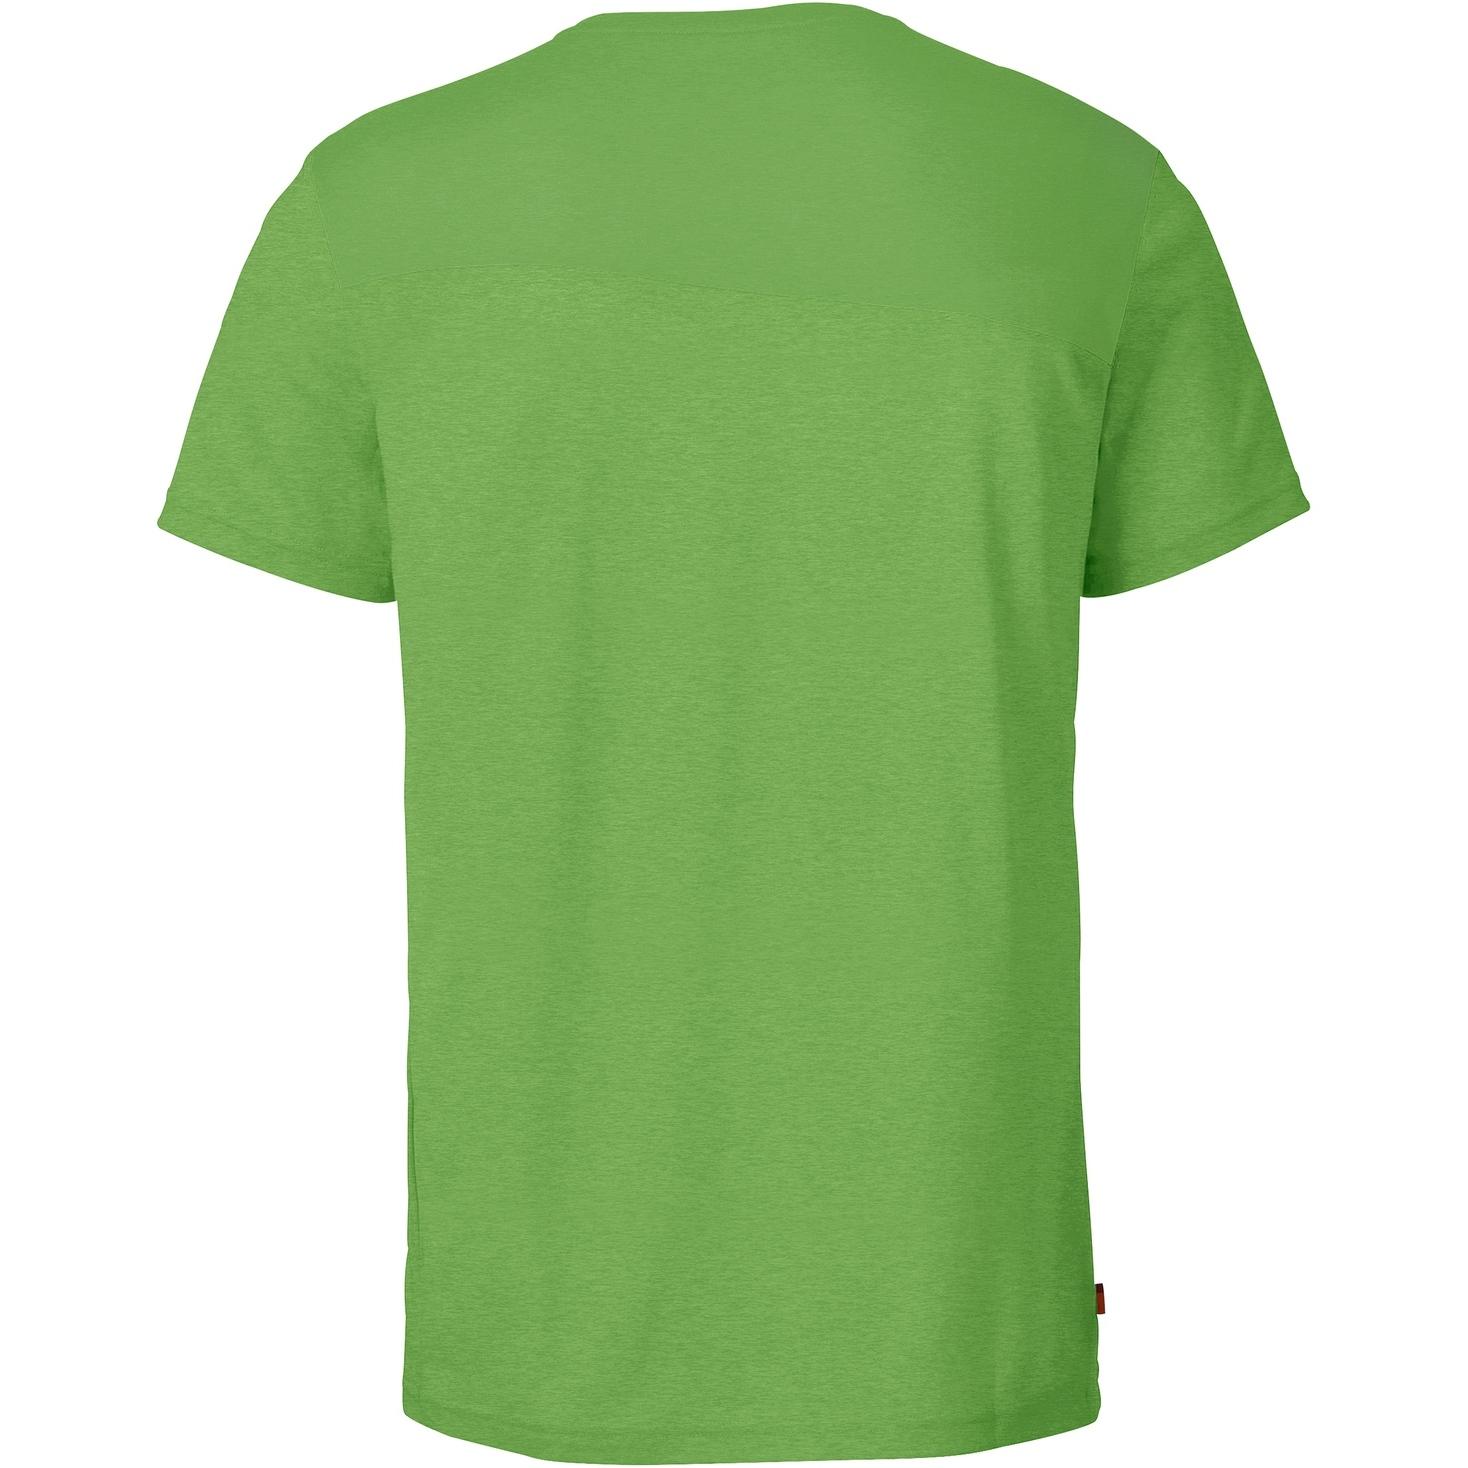 Bild von Vaude Sveit T-Shirt - apple uni